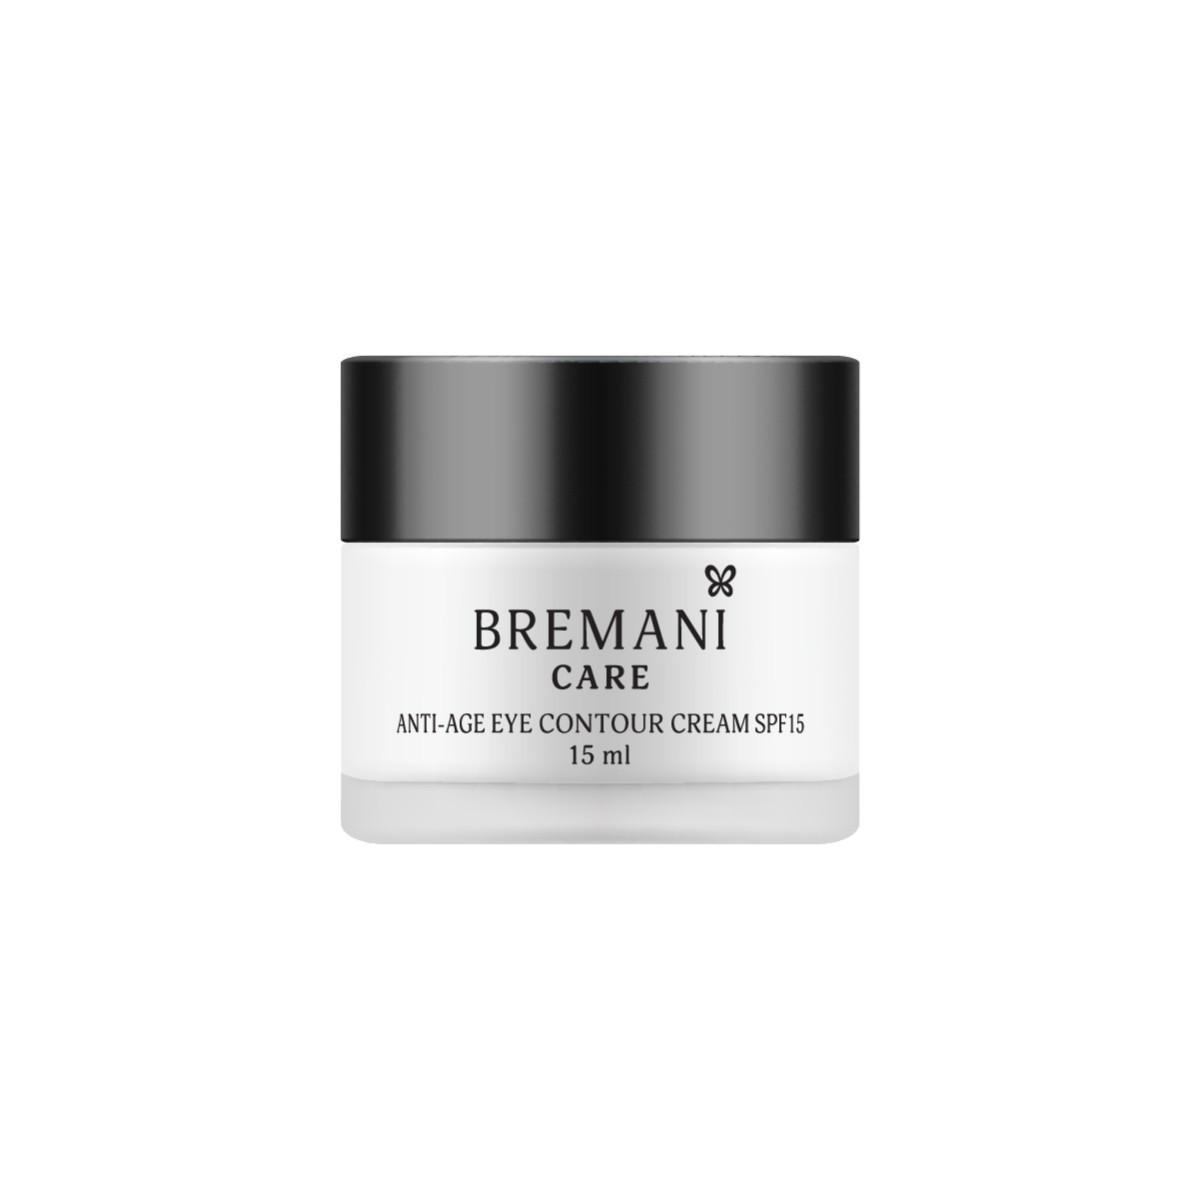 Anti-age Eye Contour Cream SPF15 Омолоджуючий крем для шкіри навколо очей SPF15 40+, Bremani, 15ml